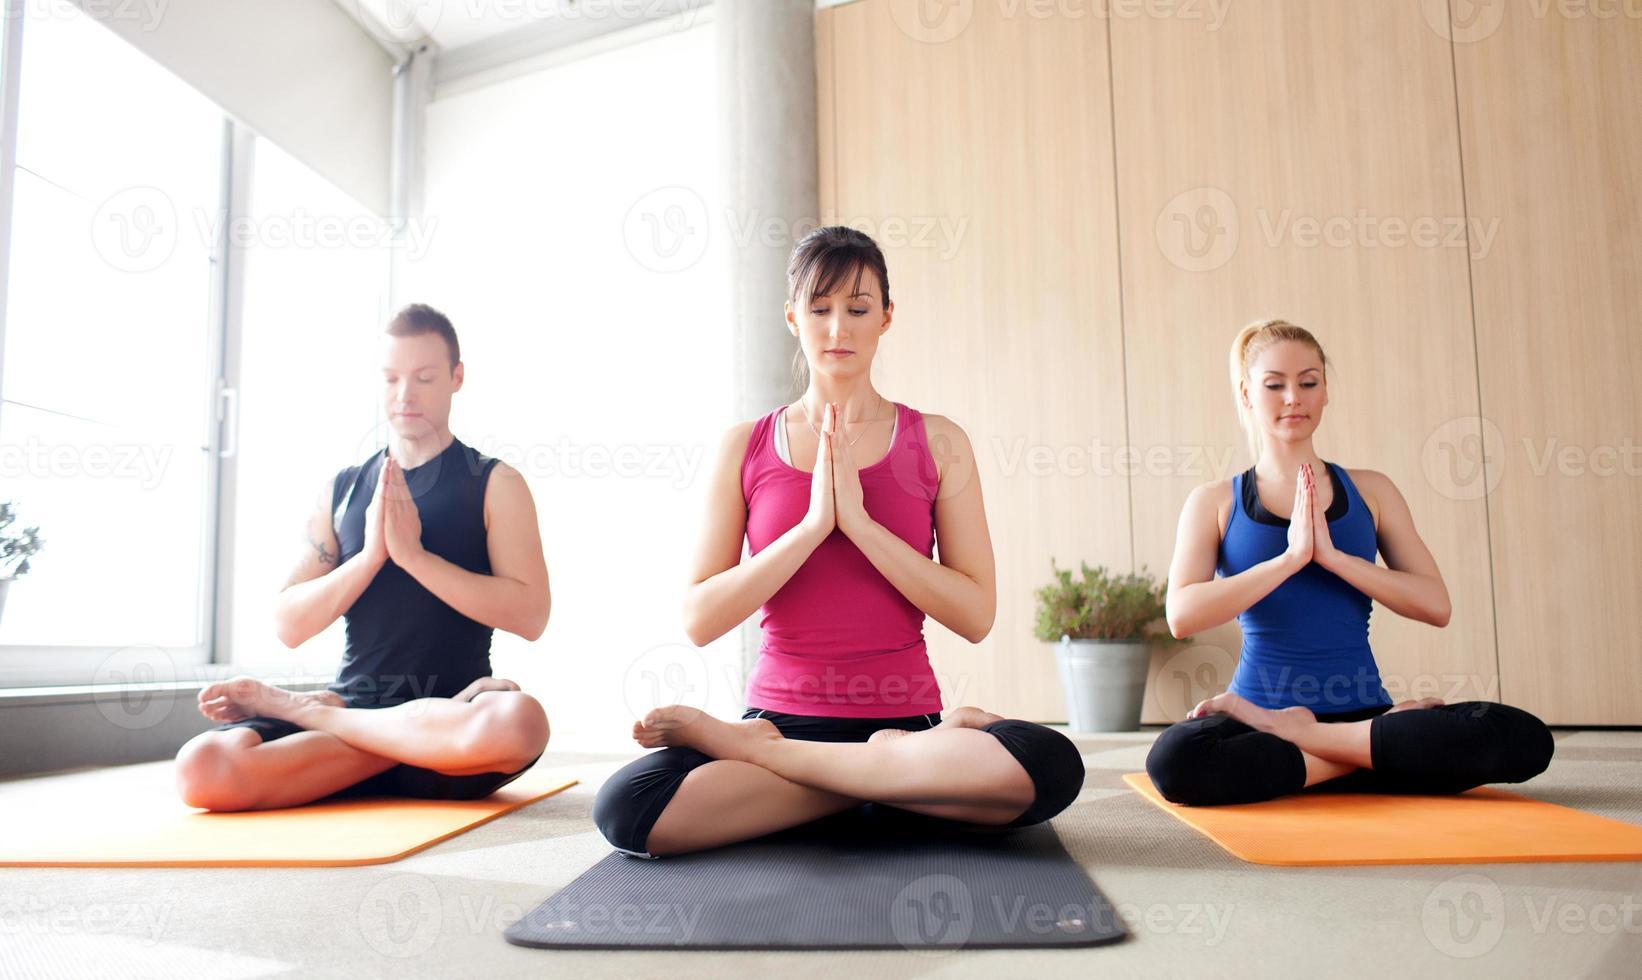 lezione di yoga foto